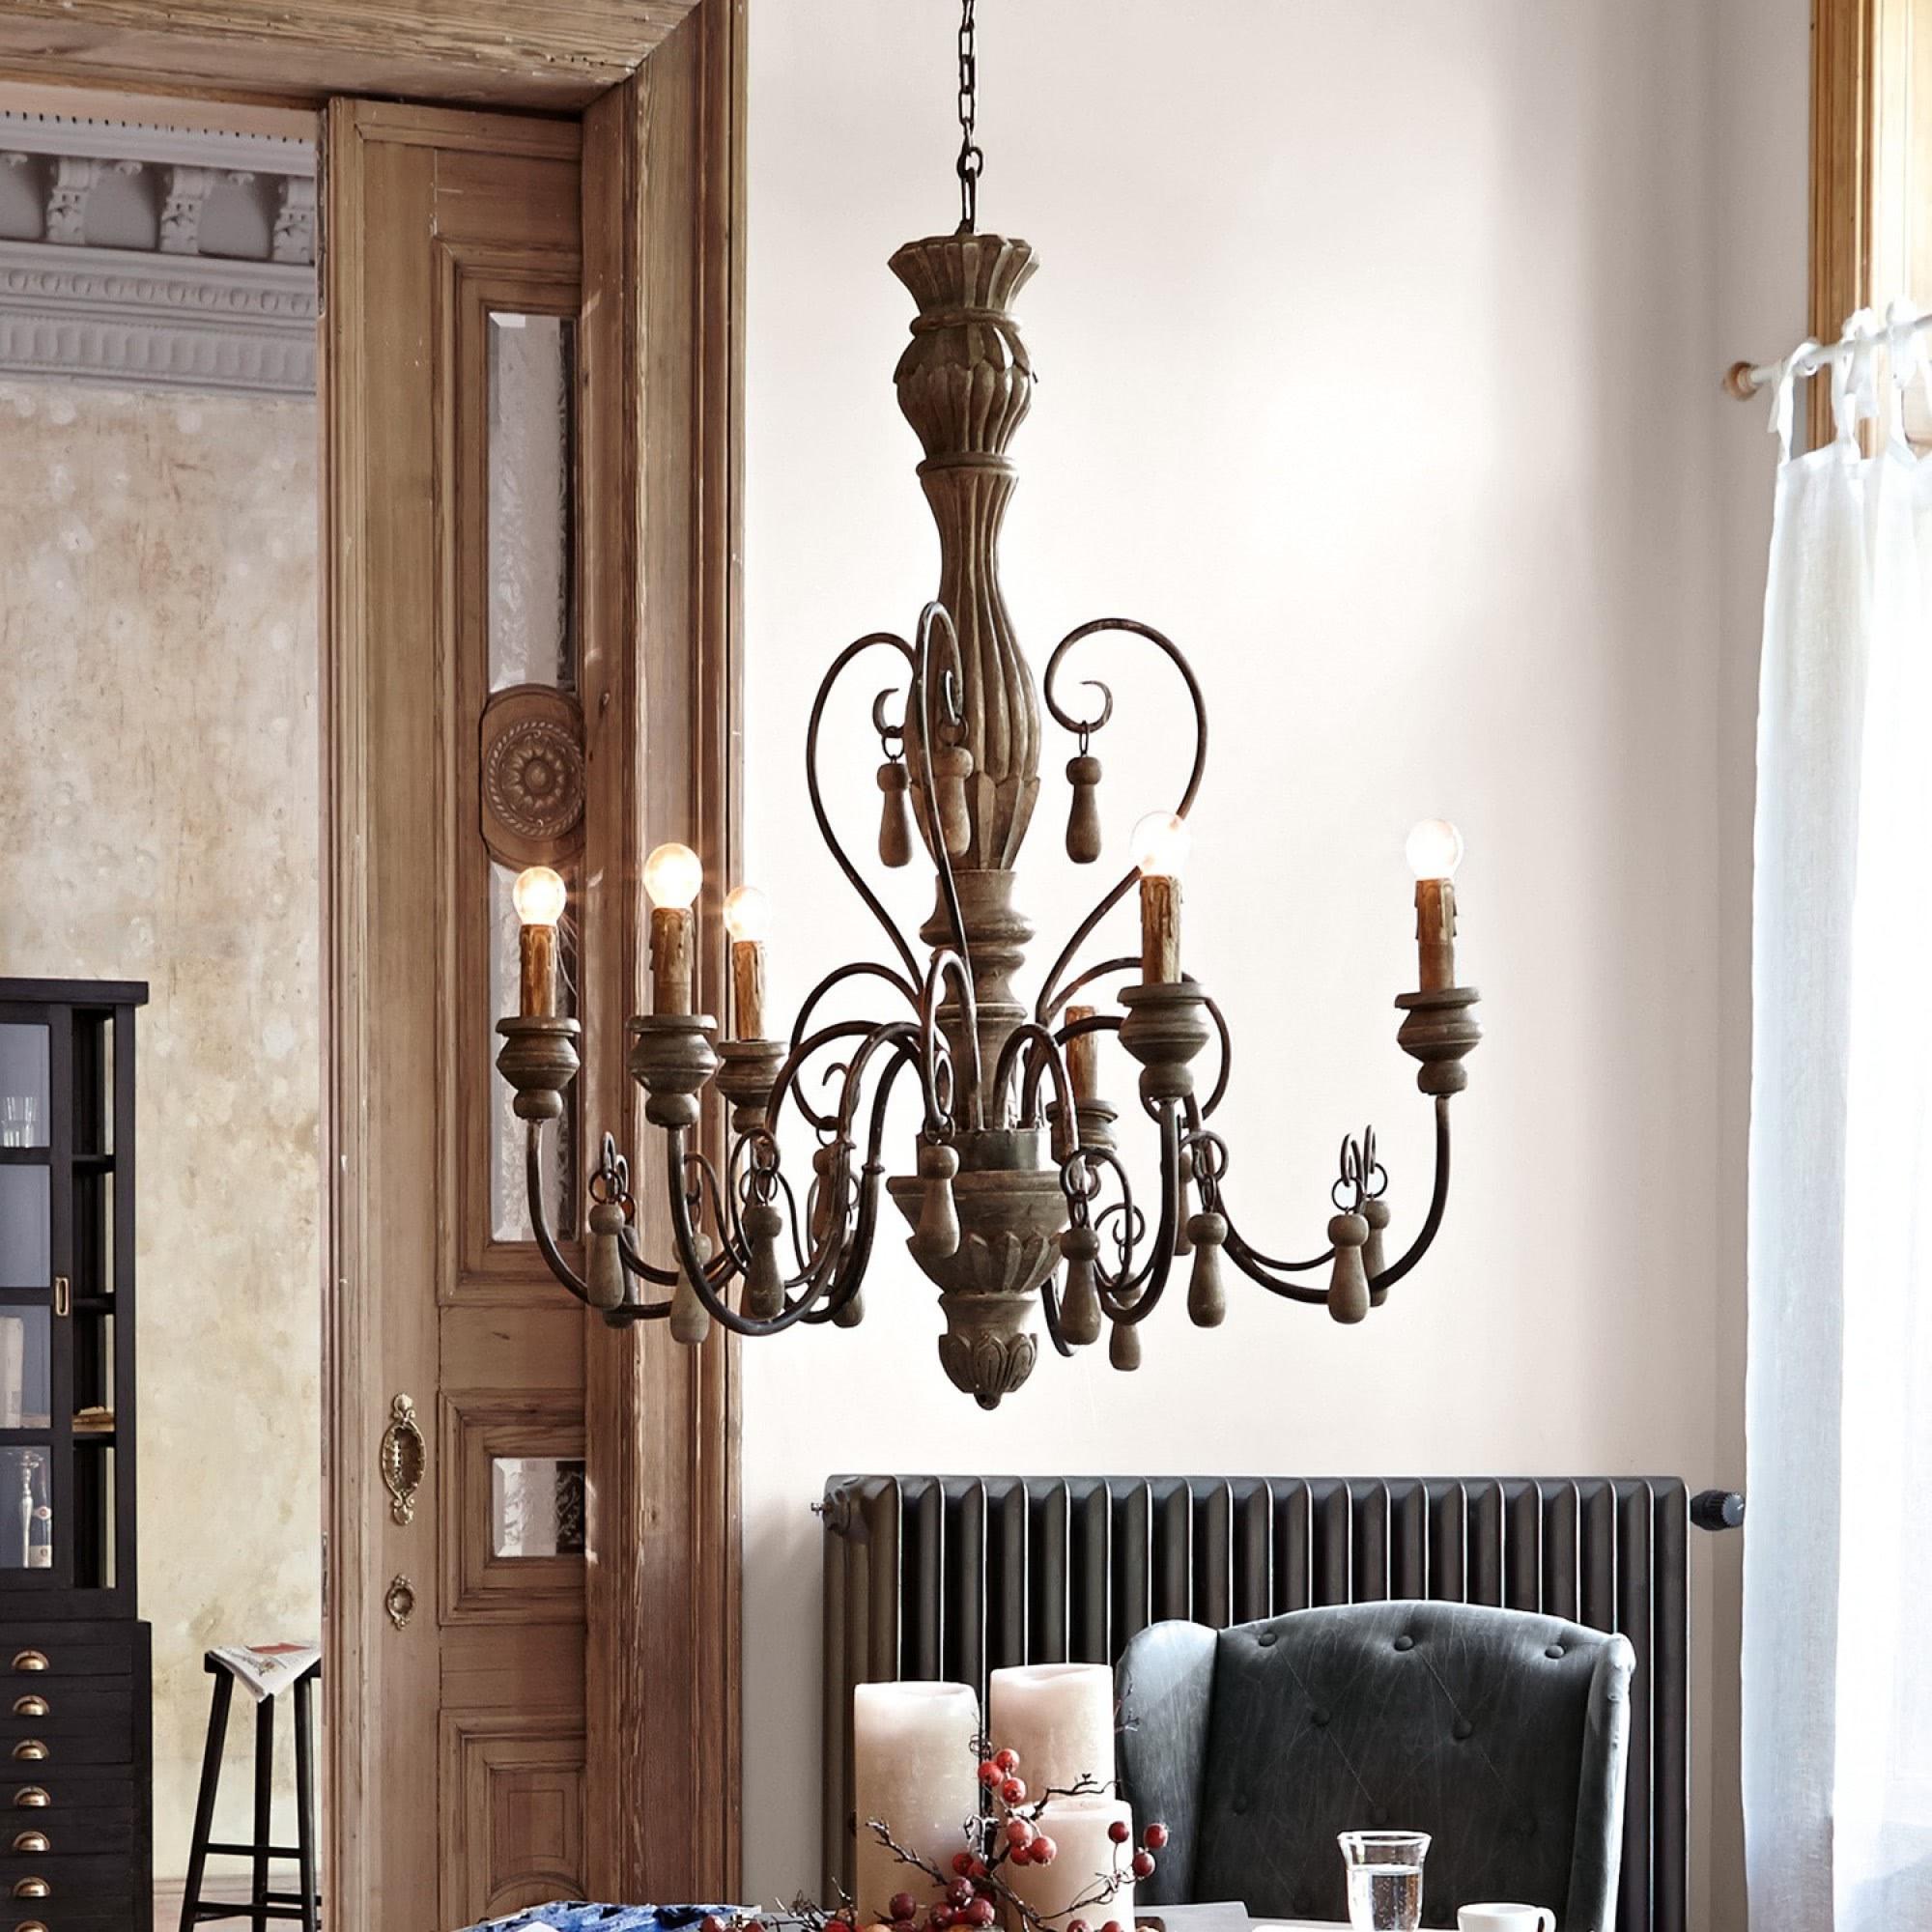 leuchter etienne loberon coming home. Black Bedroom Furniture Sets. Home Design Ideas